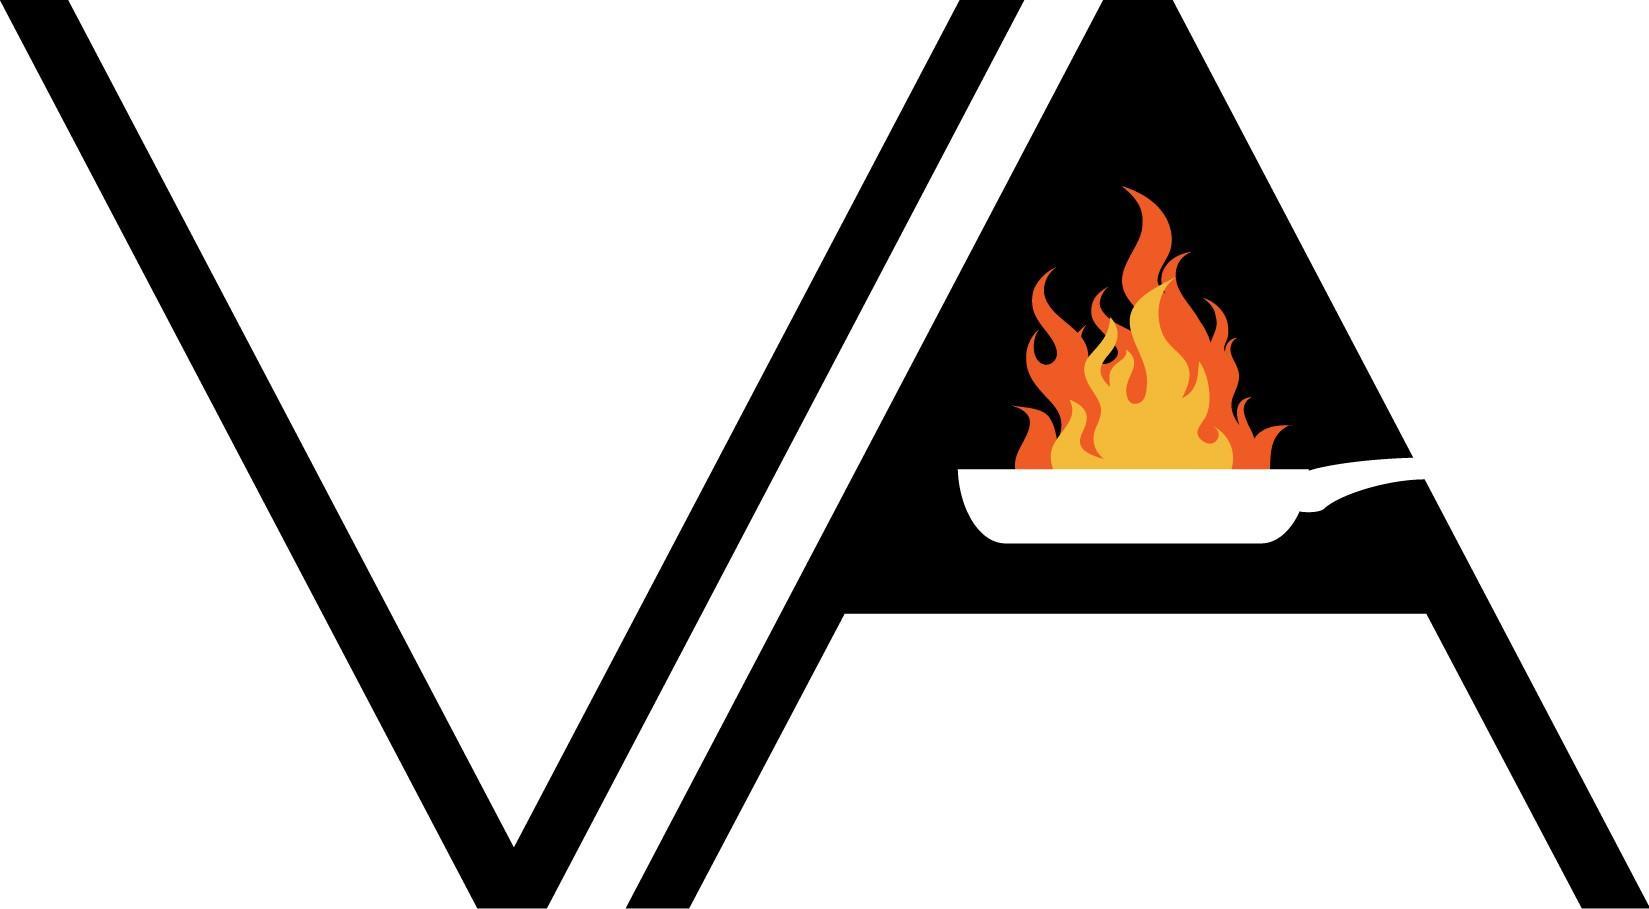 graphic design personal chef logo